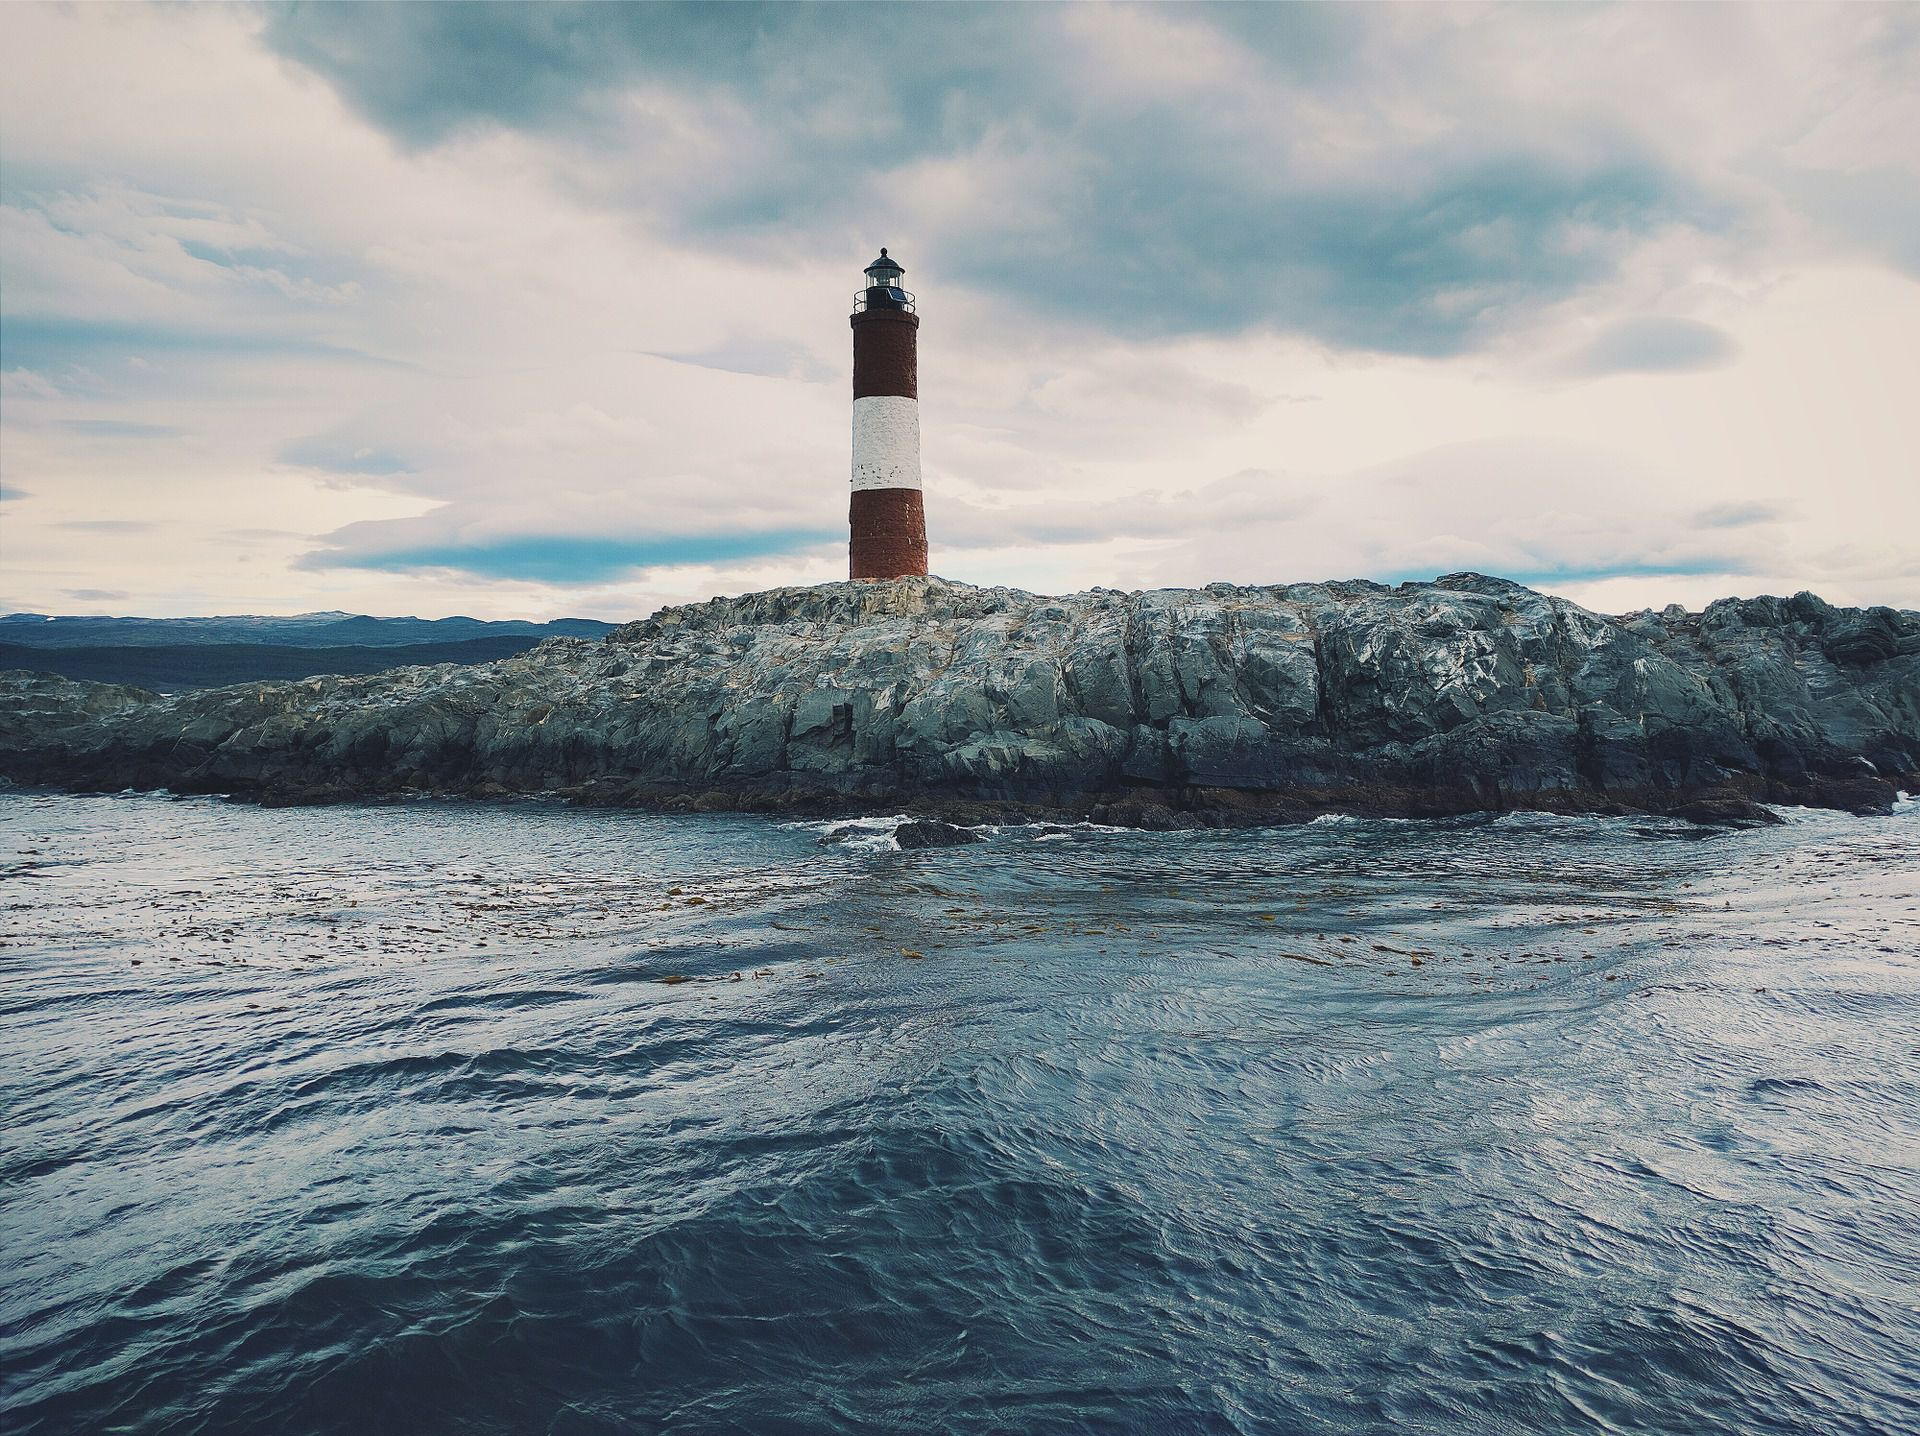 Das Baltikum – Ein Leuchtturm der wirtschaftlich aufstrebenden CEE-Region